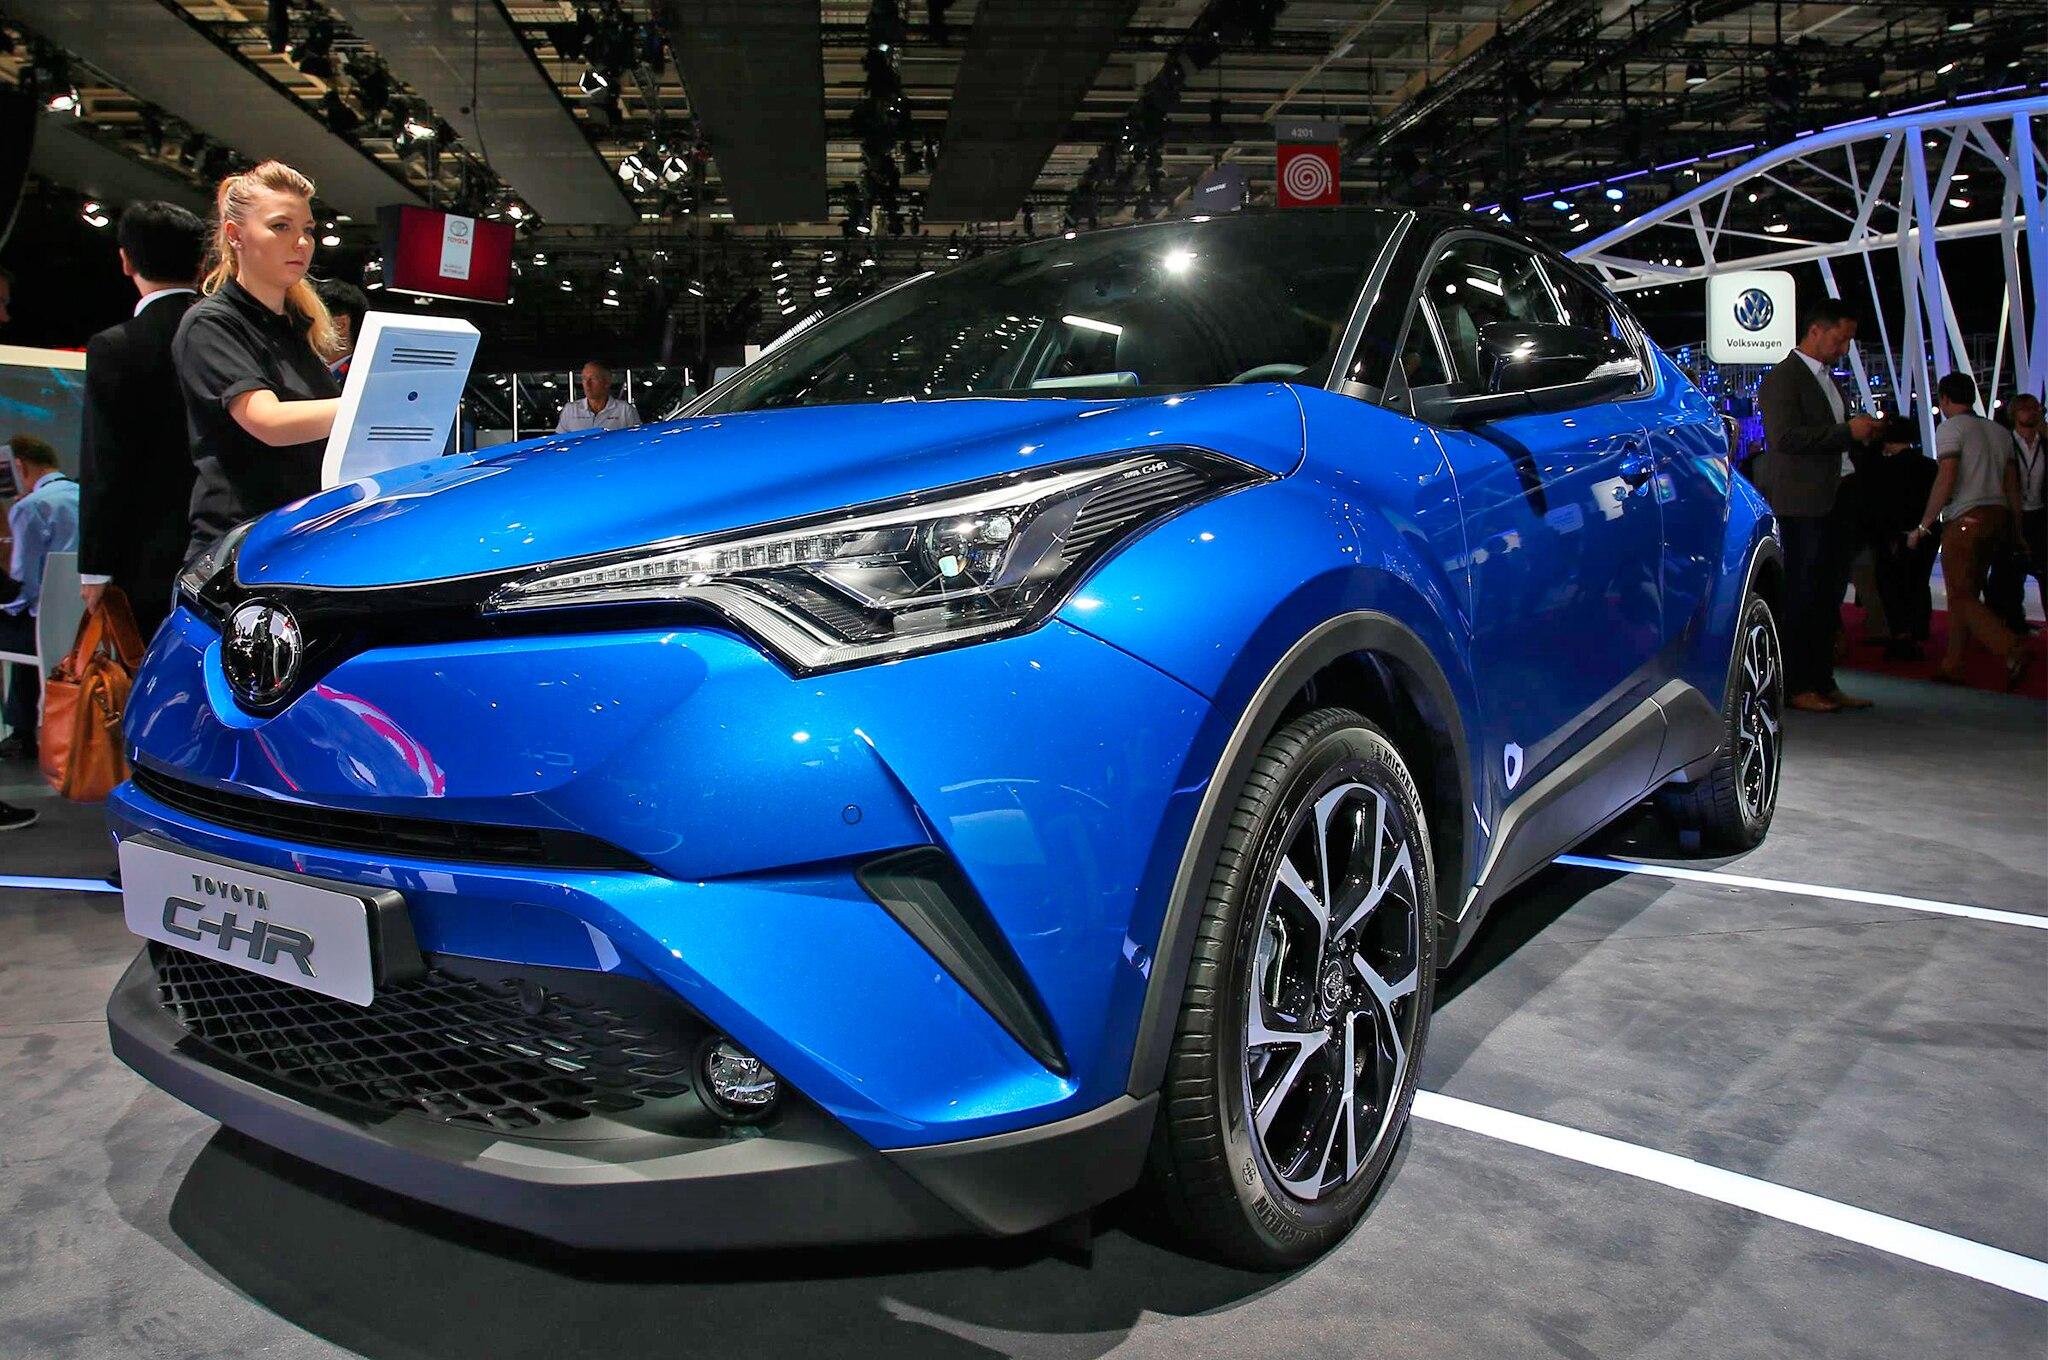 9 Caracter U00edsticas  U00fanicas De La Toyota C-hr